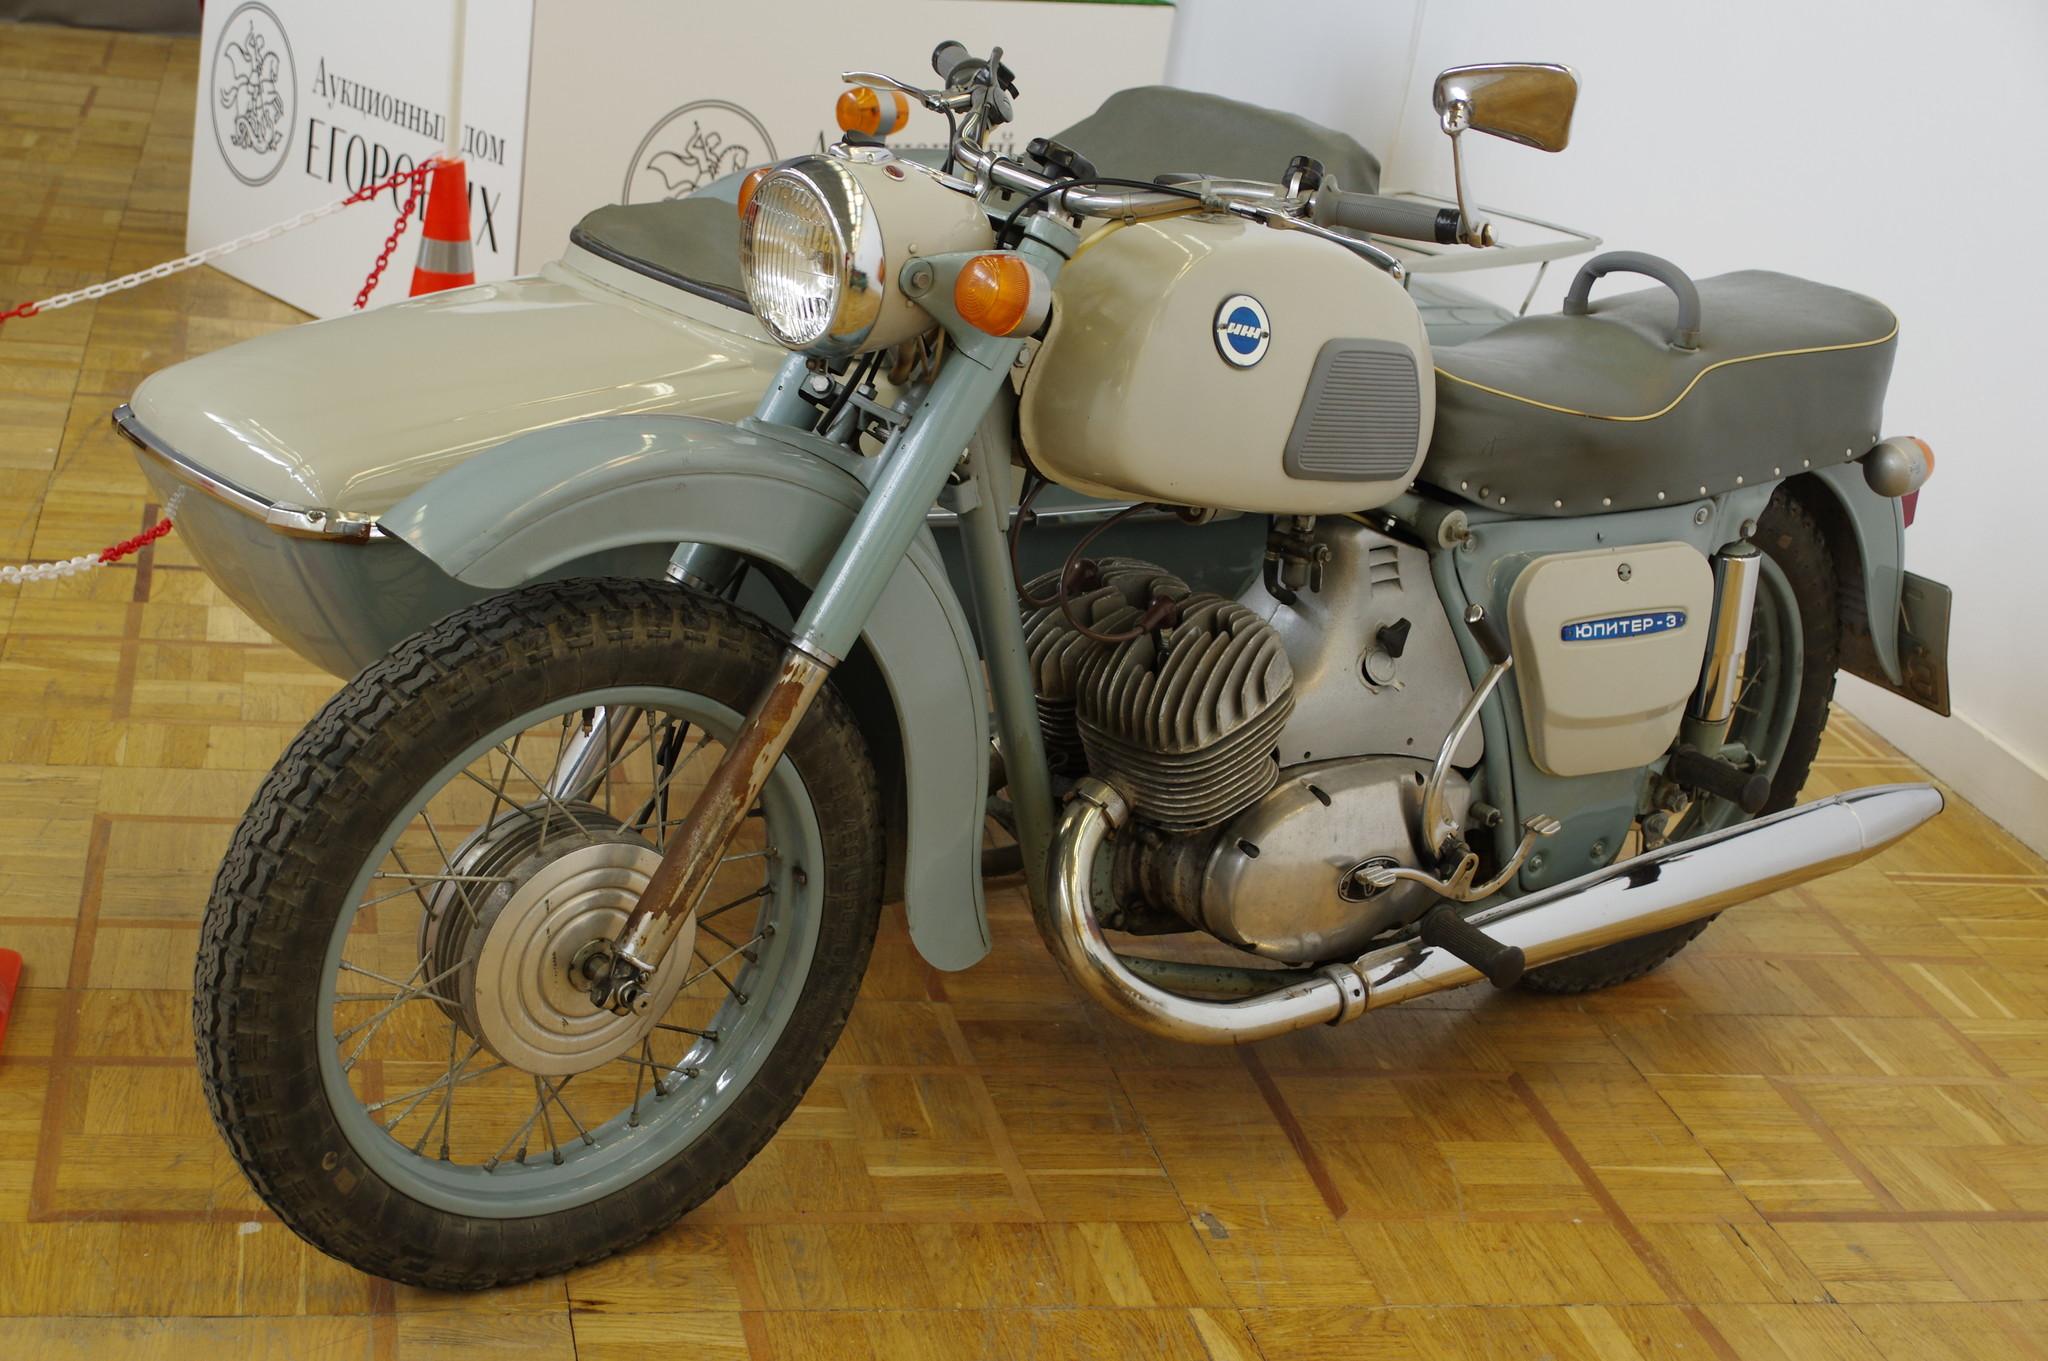 Дорожный мотоцикл «Иж Юпитер-3К»